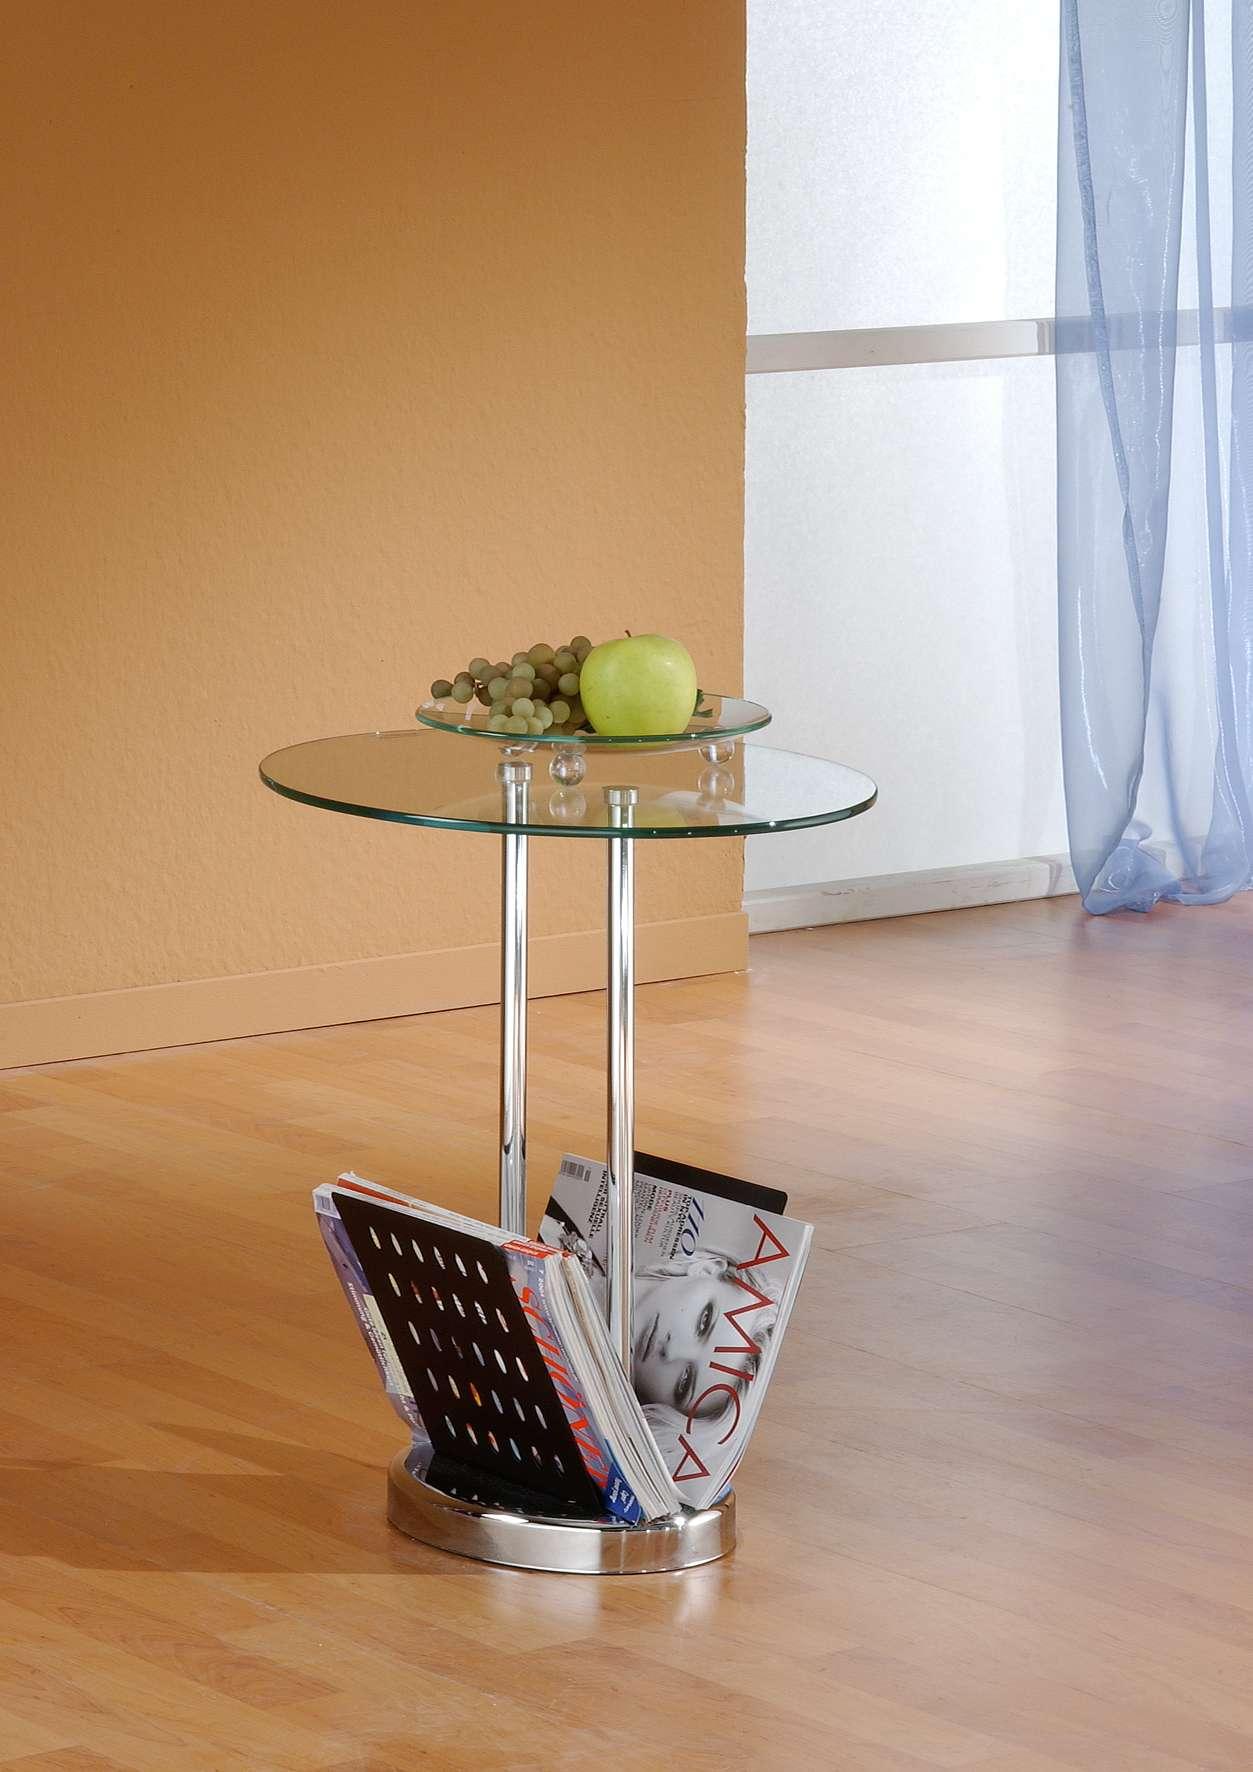 Zeitungstisch beistelltisch glas rund chrom tisch rund for Beistelltisch glas chrom rund